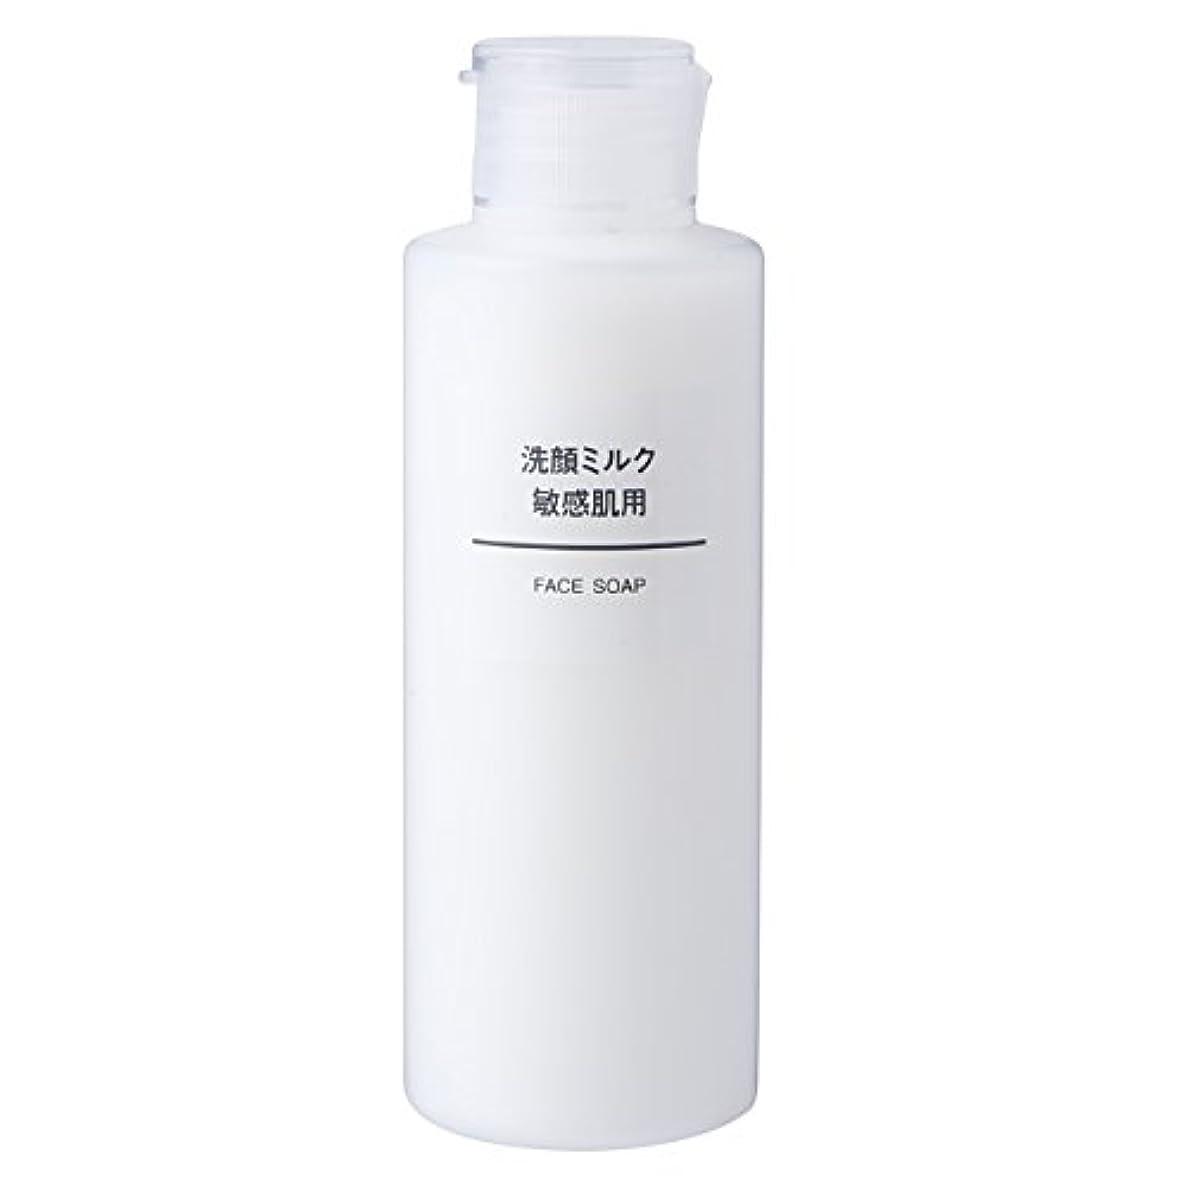 膨らませる下線近代化無印良品 洗顔ミルク 敏感肌用 150ml